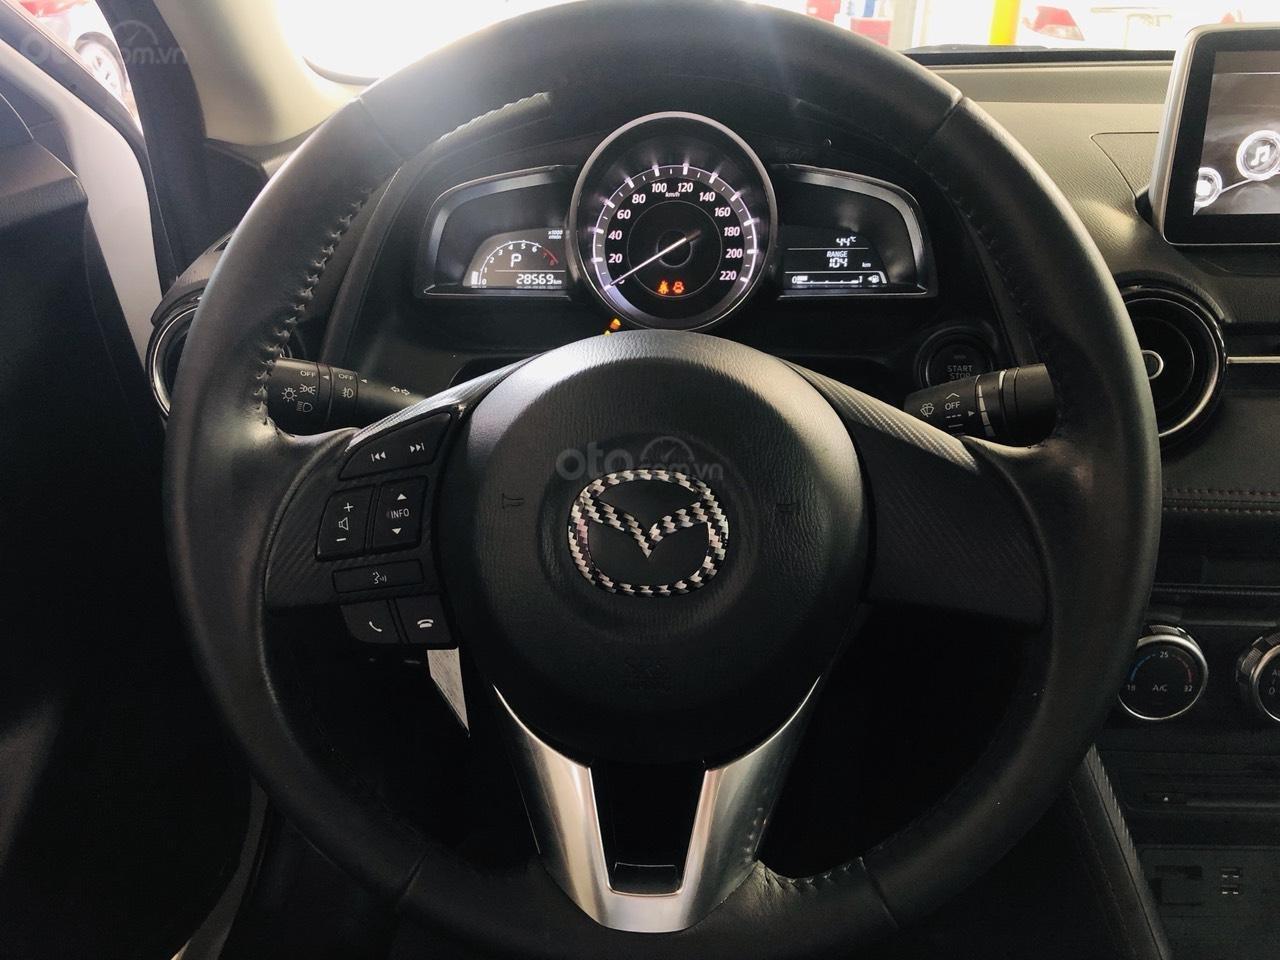 Bán Mazda 2 sản xuất năm 2017, màu trắng, số tự động, xe bao đẹp (13)